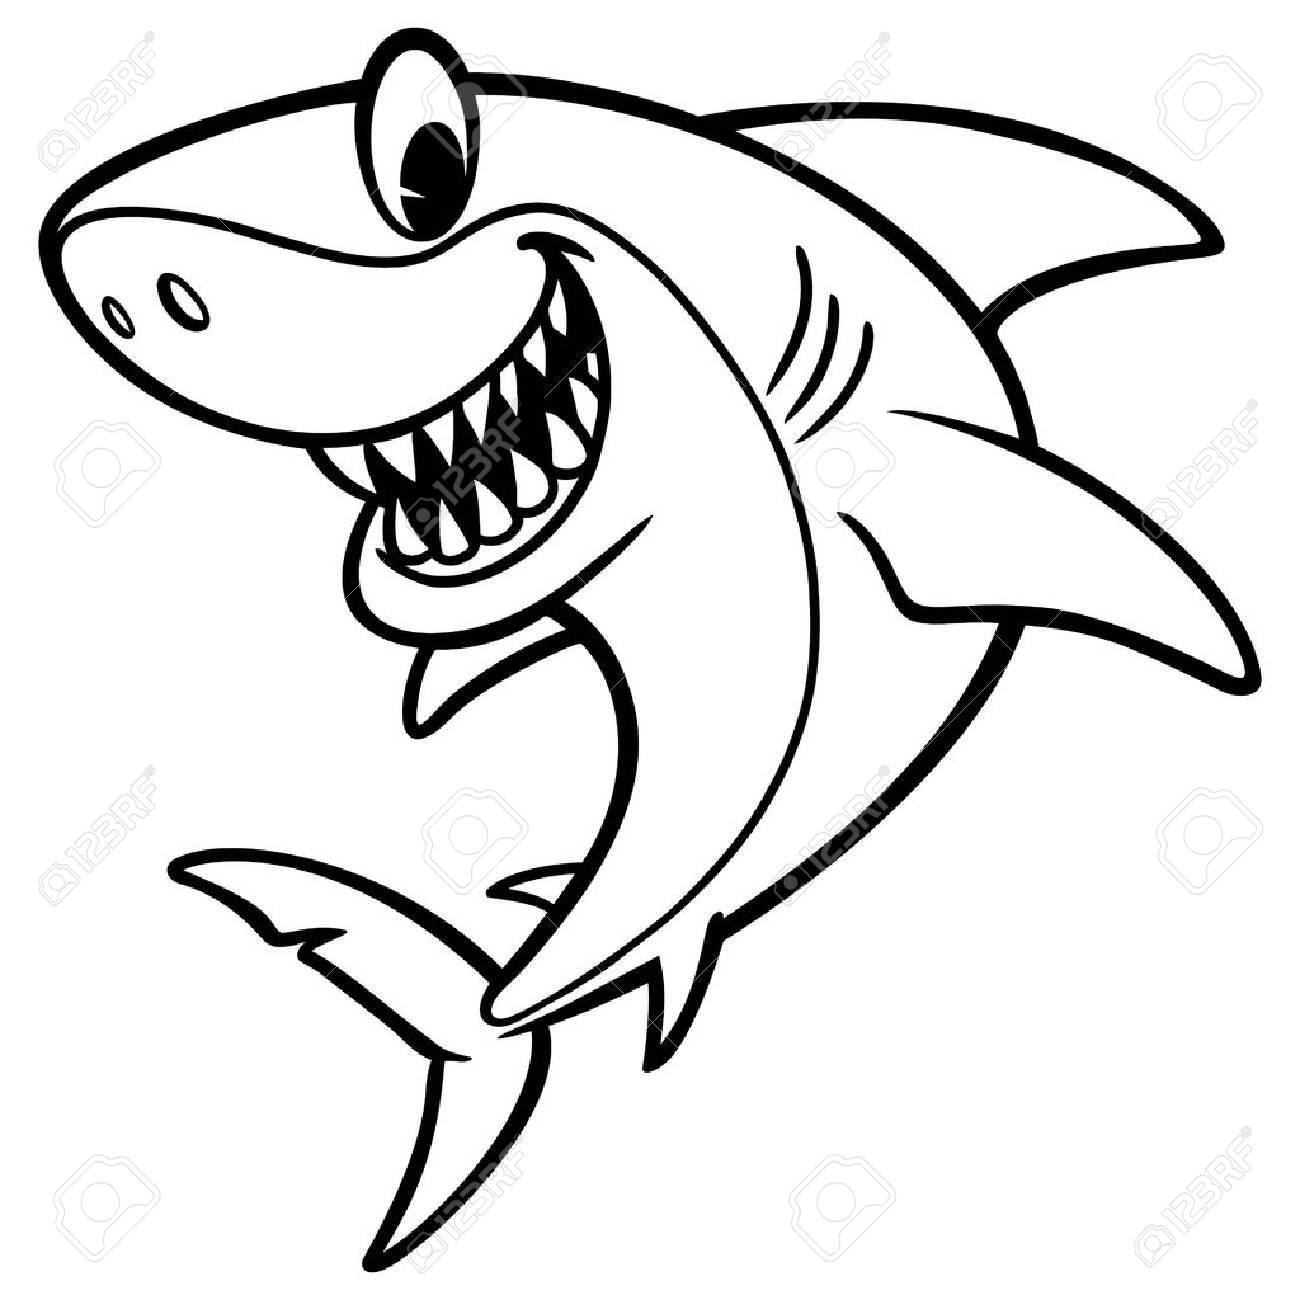 Dibujo De Dibujos Animados De Tiburón